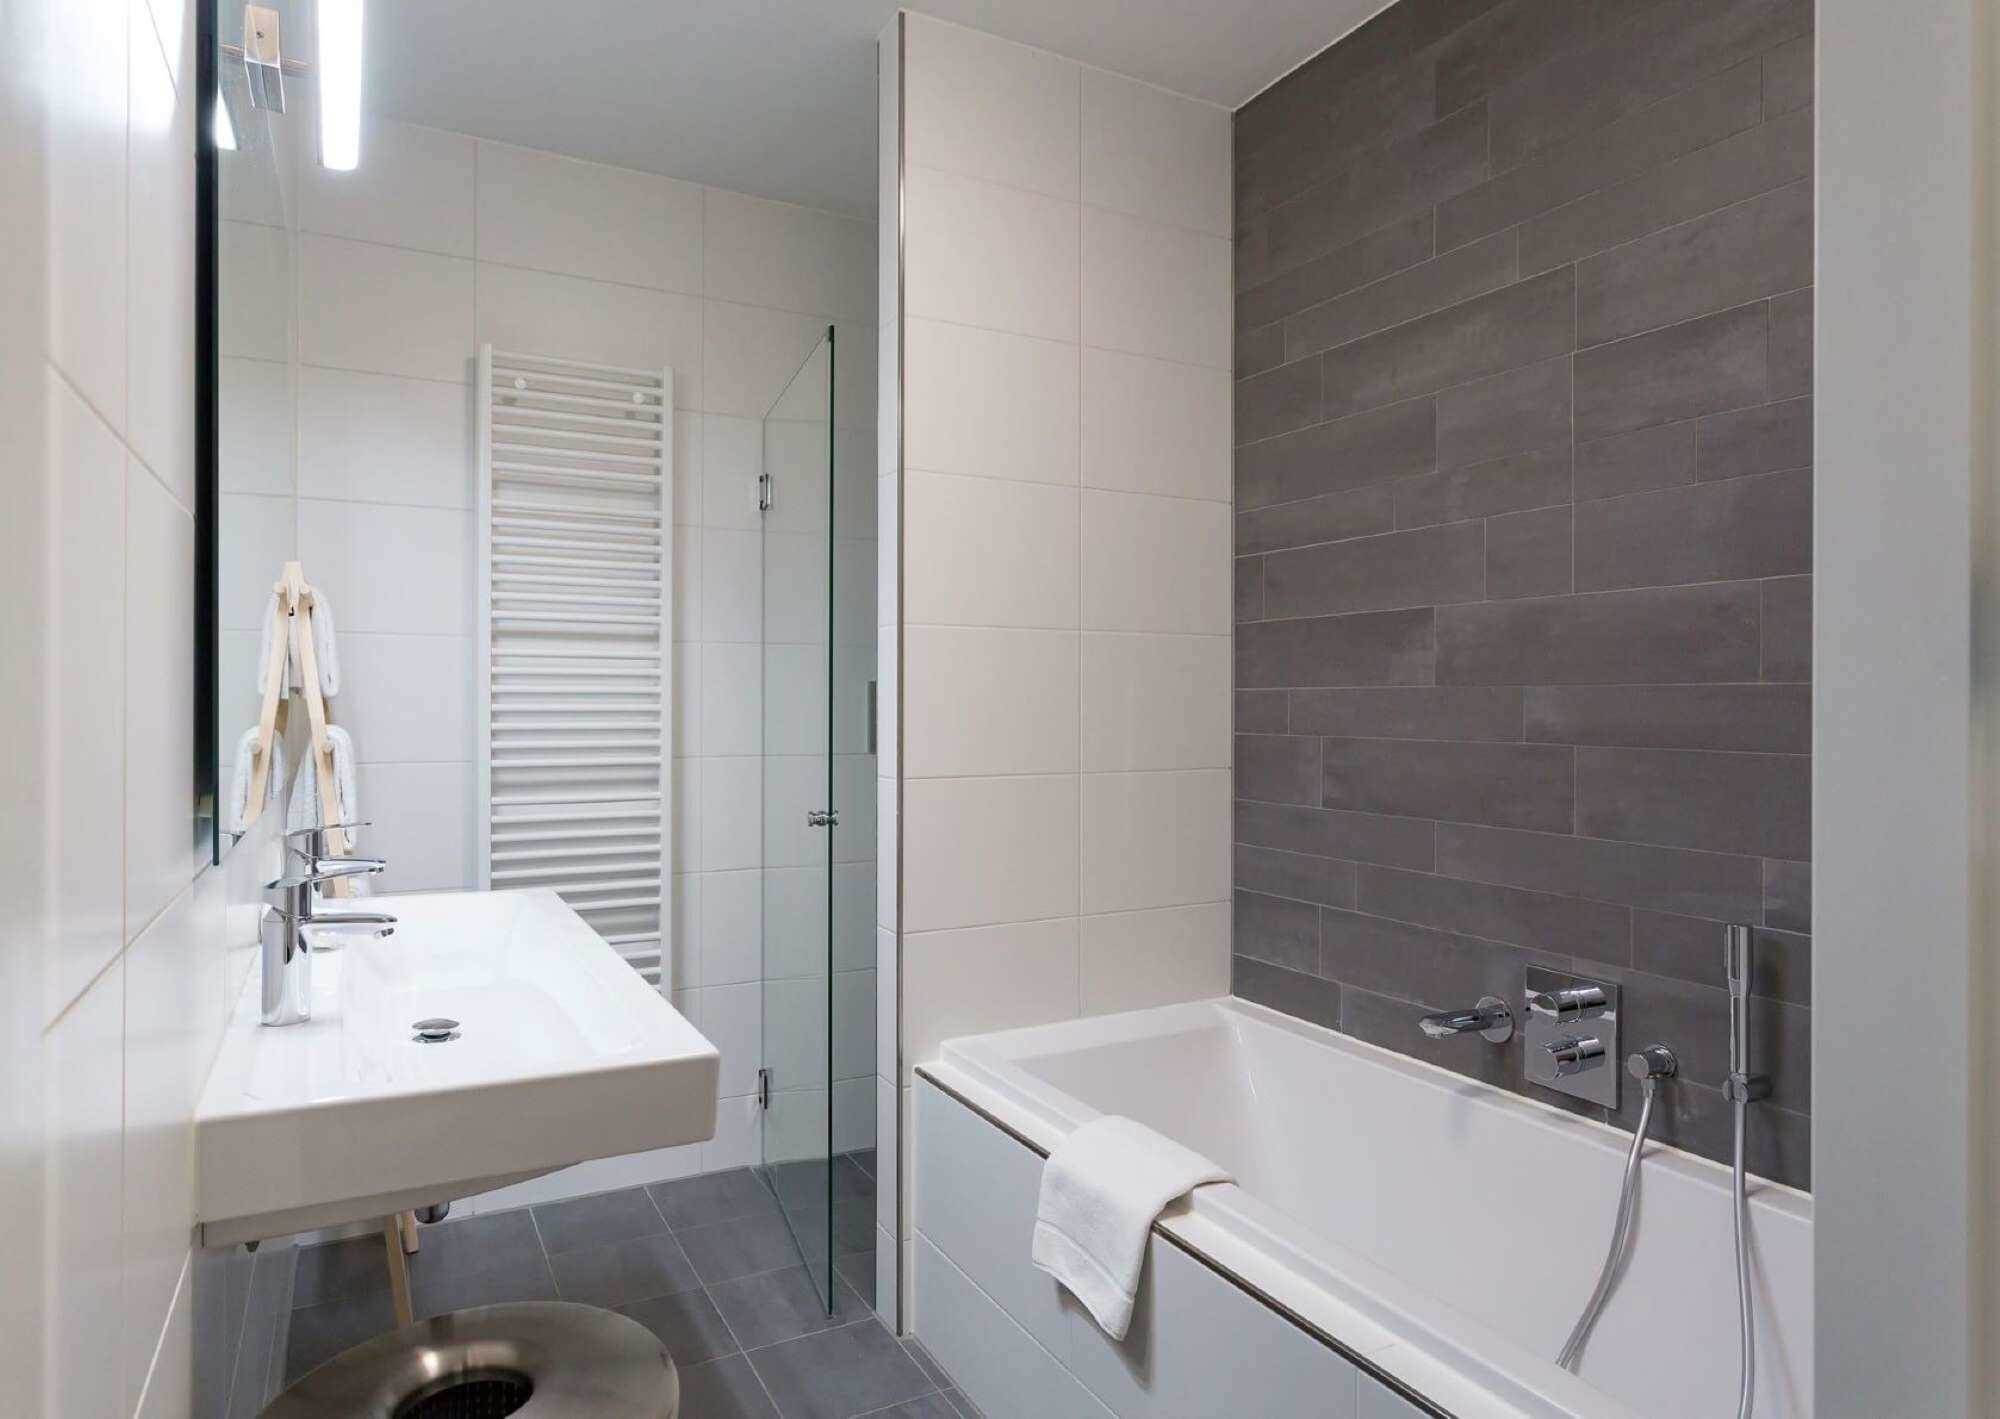 Hoge Duin badkamer